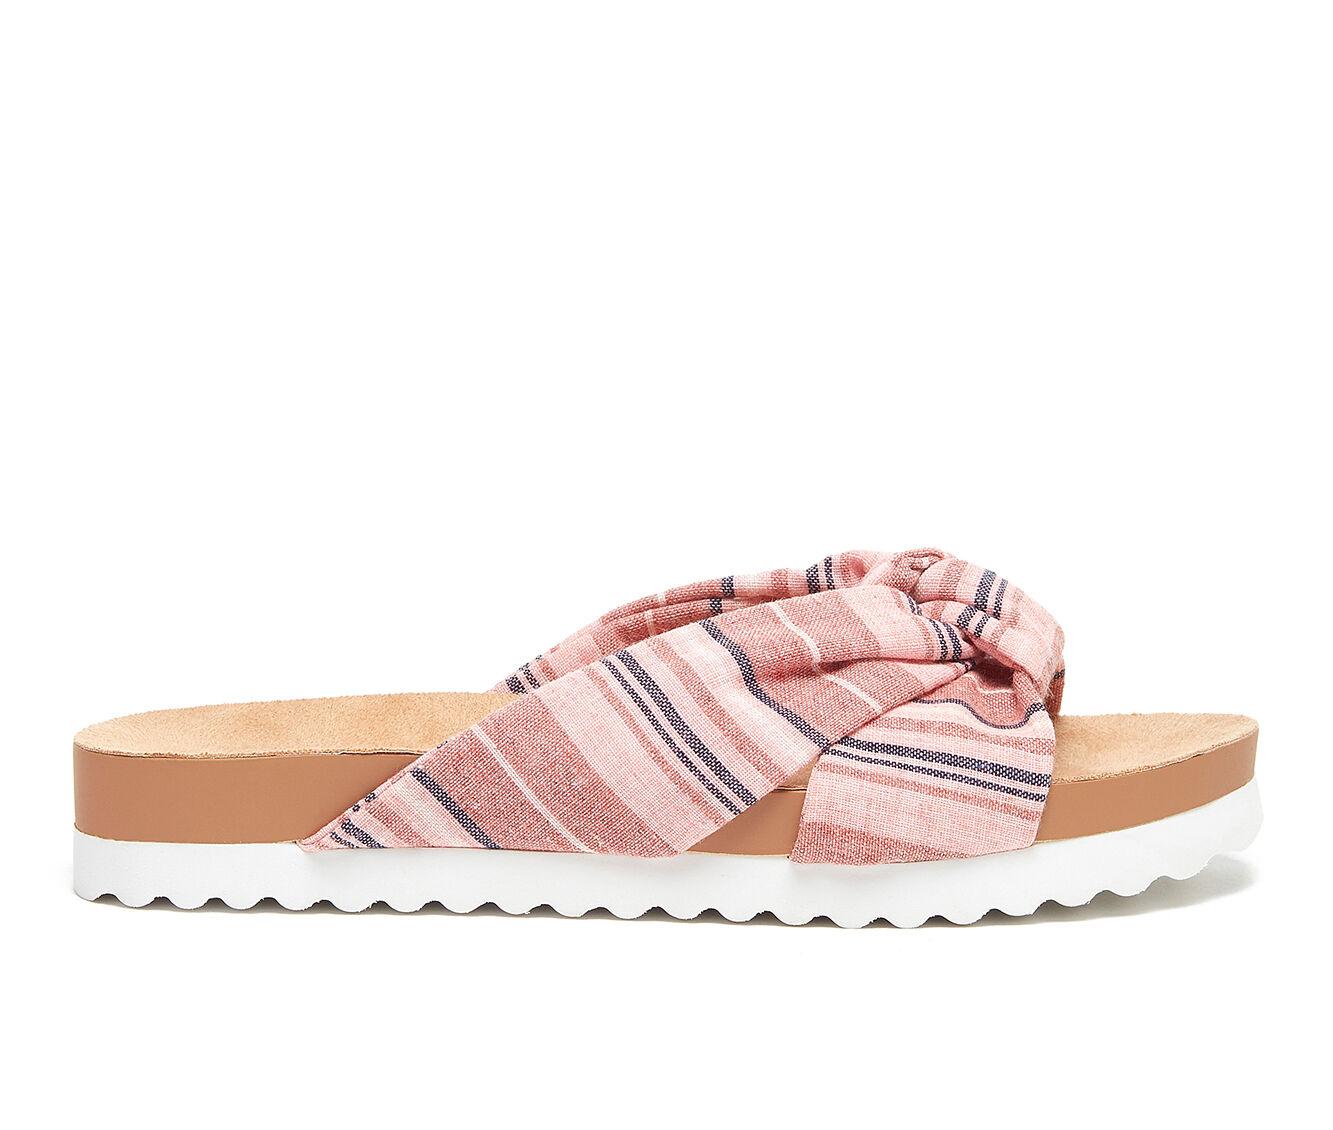 Women's Rocket Dog Loving Flatform Sandals Pink